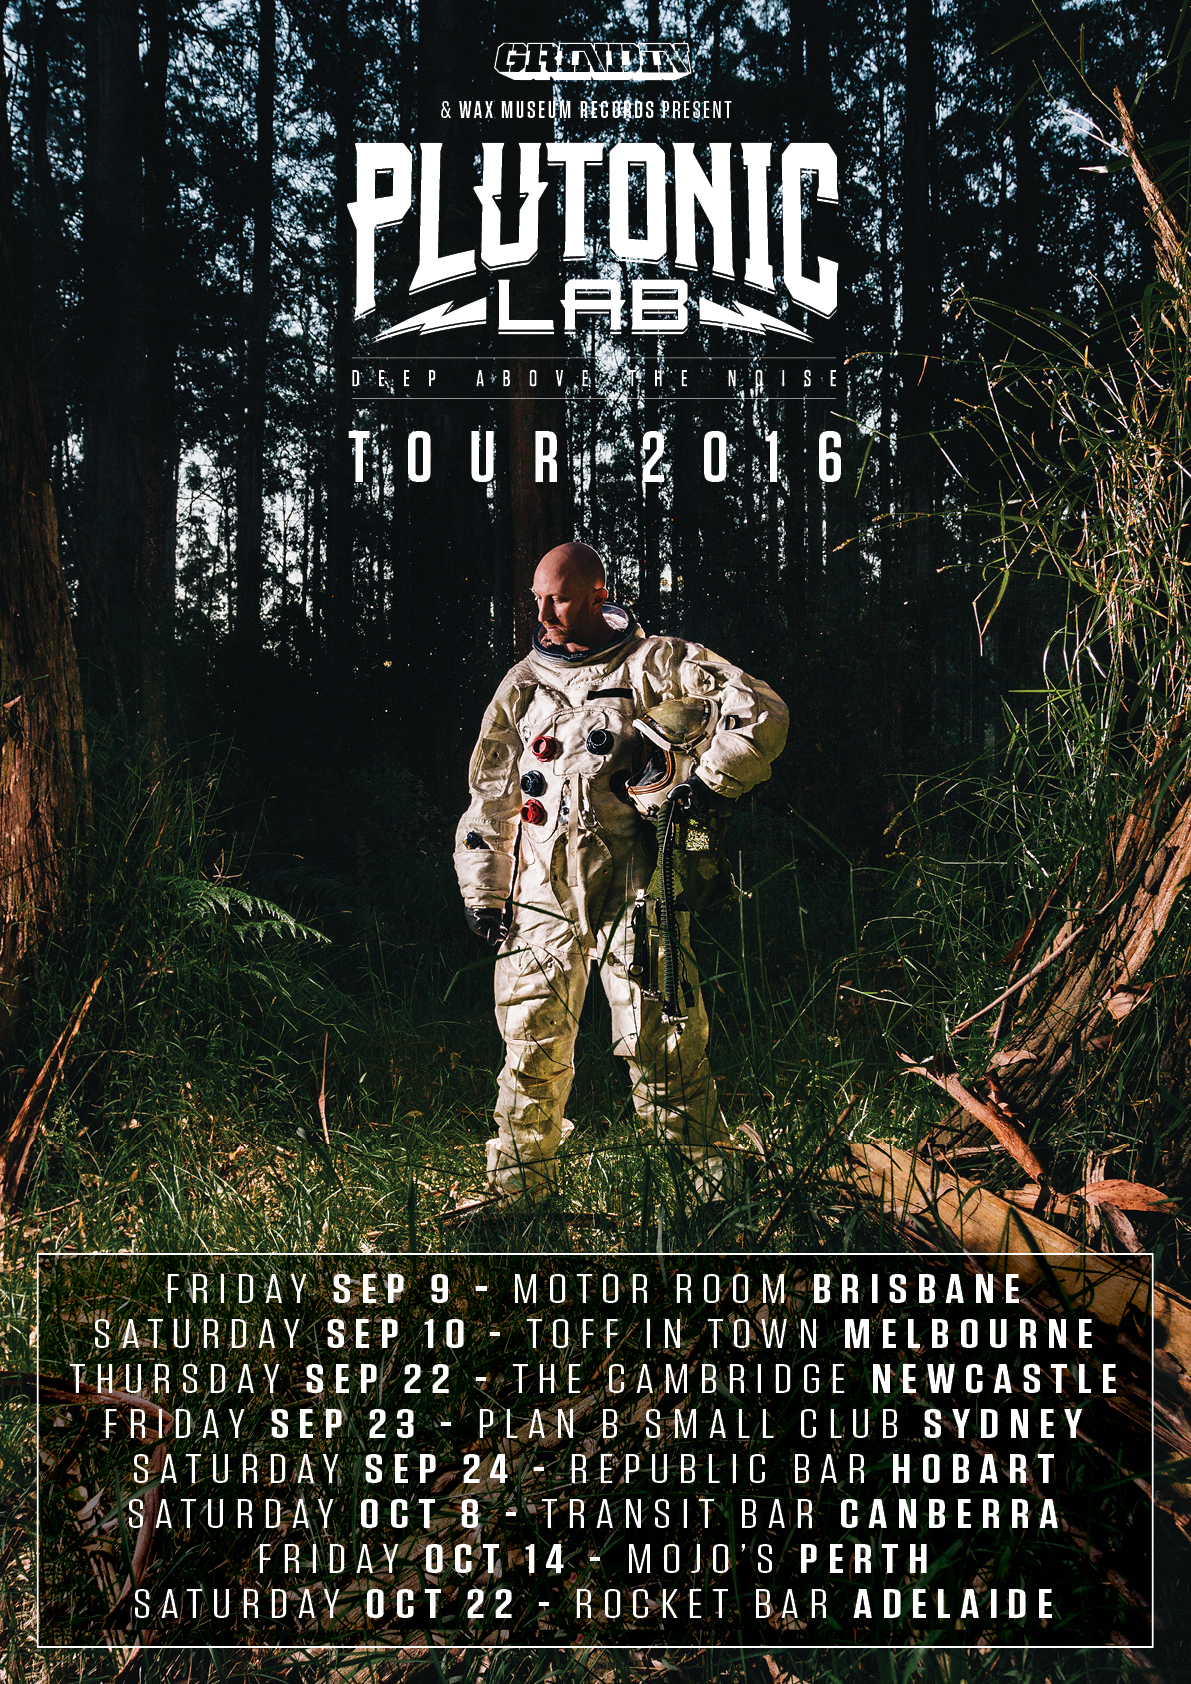 """PLUTONIC LAB """"DEEP ABOVE THE NOISE"""" ALBUM LAUNCH TOUR"""